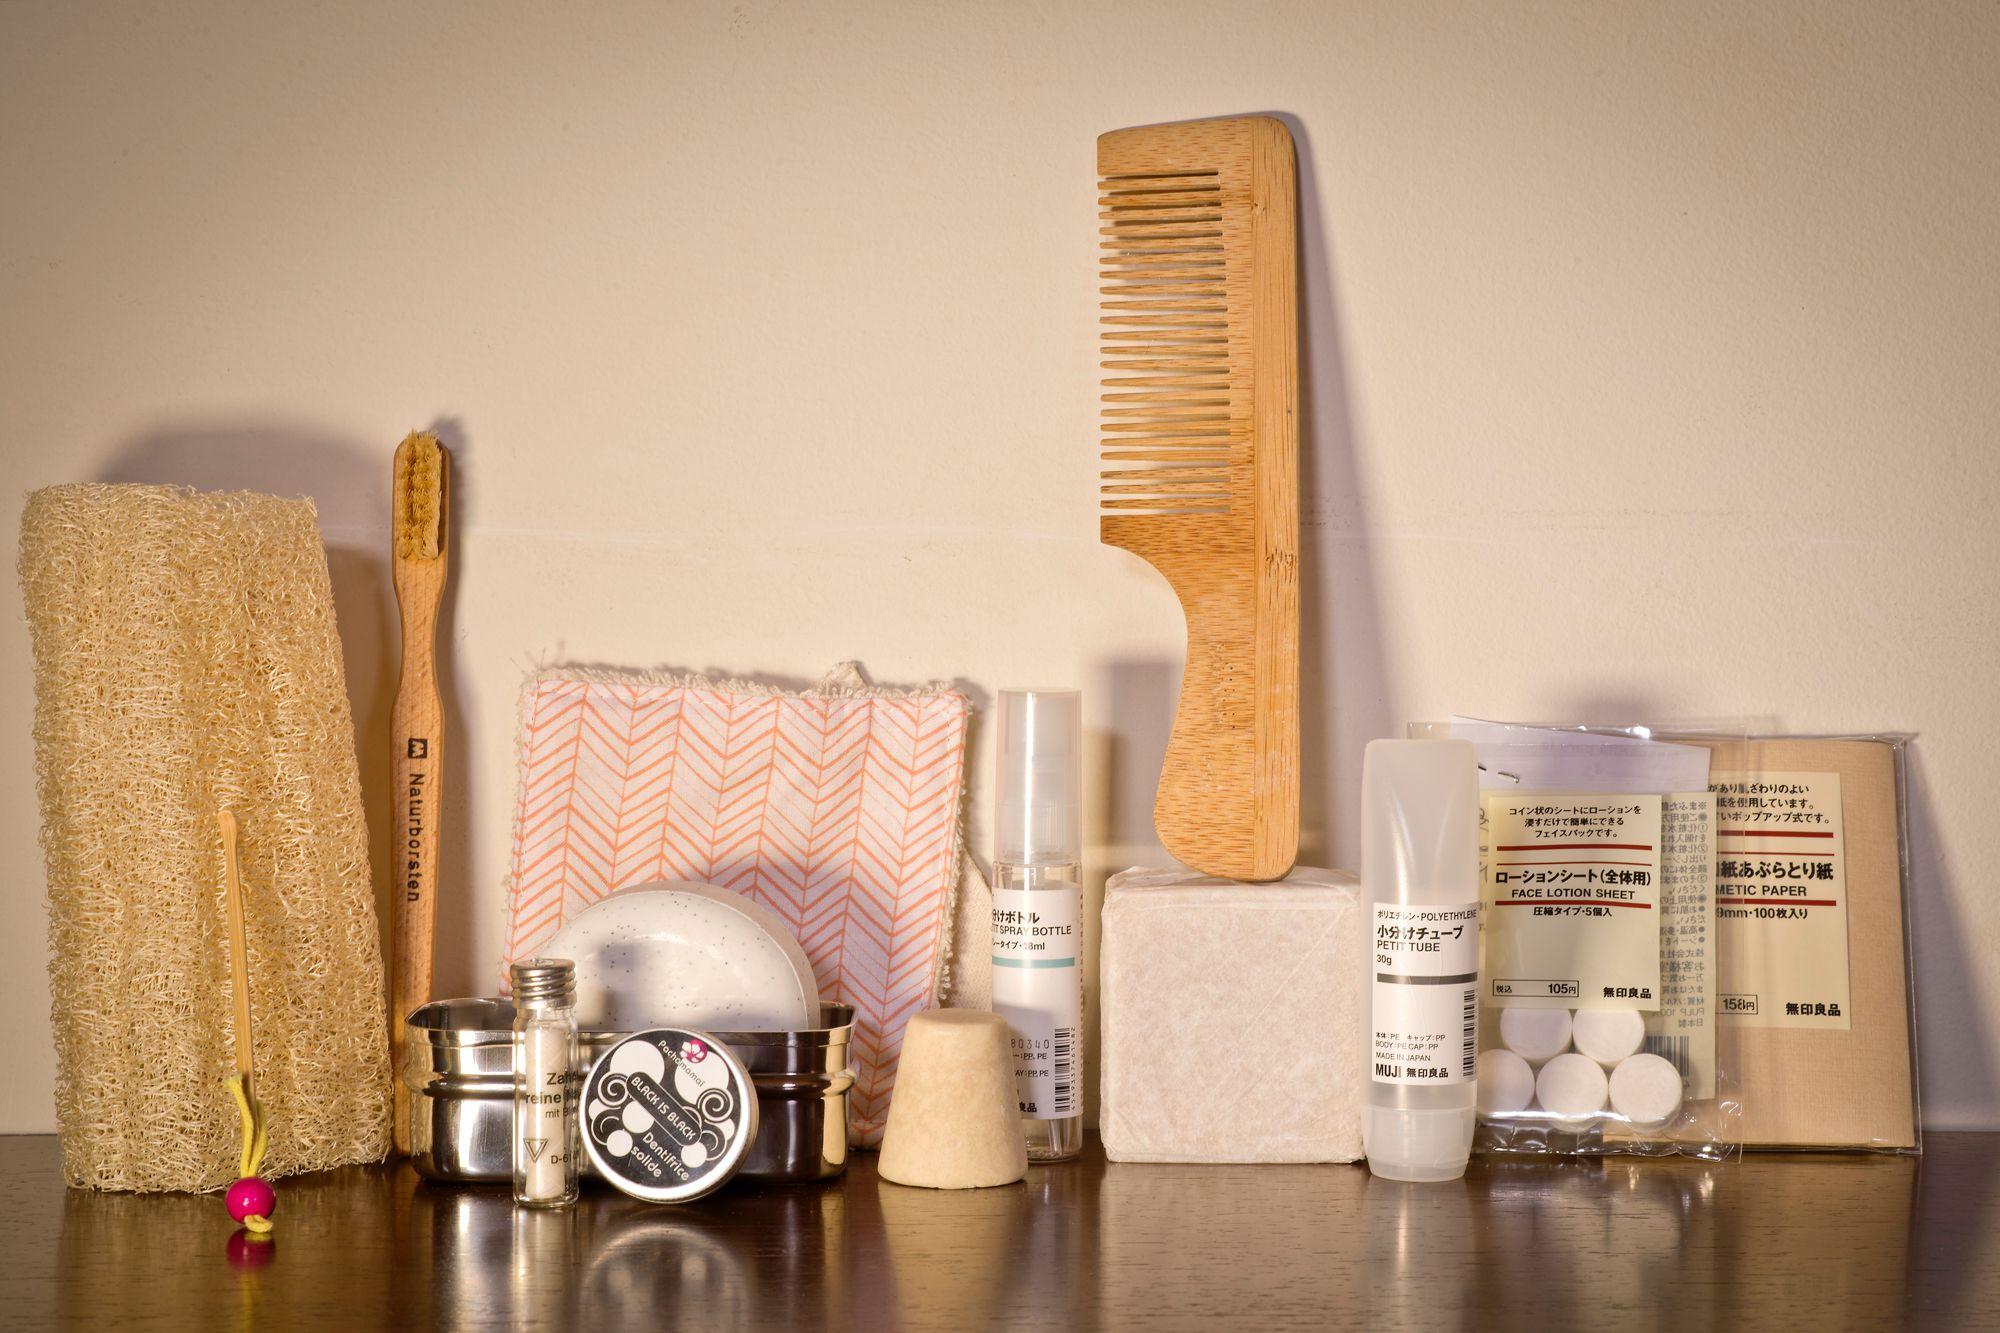 Cada vez son más las mujeres que descubren que la belleza ahora se sirve en perfumados y ecológicos bloques.